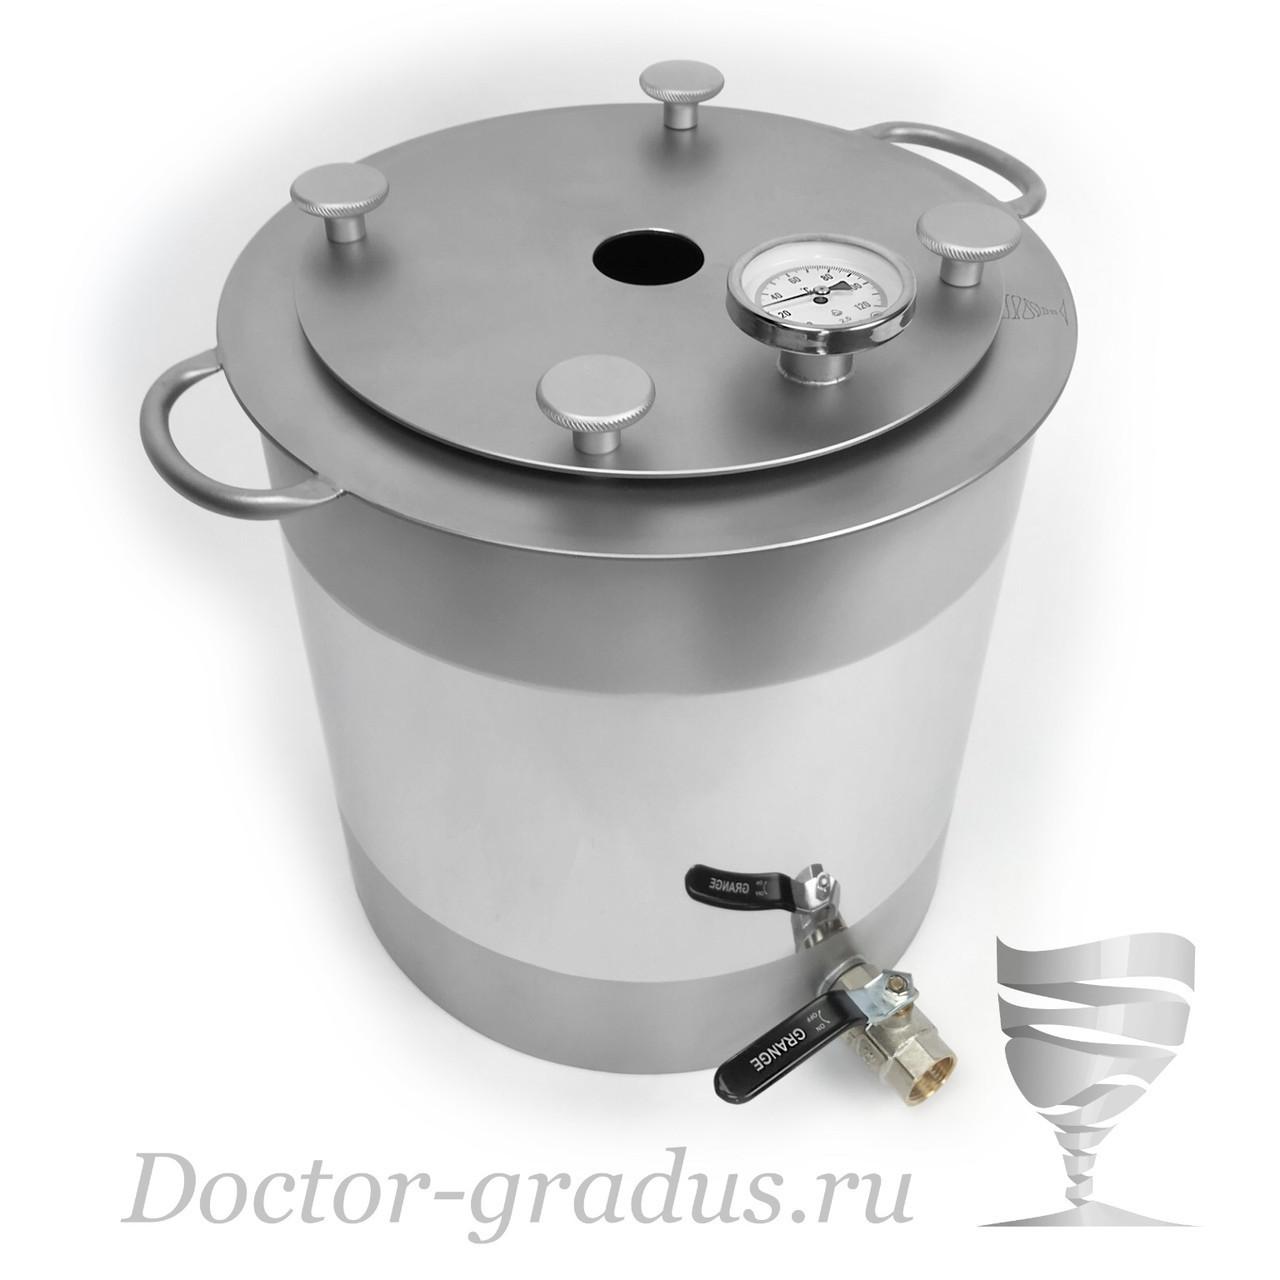 Куб ДГ на 25 литров